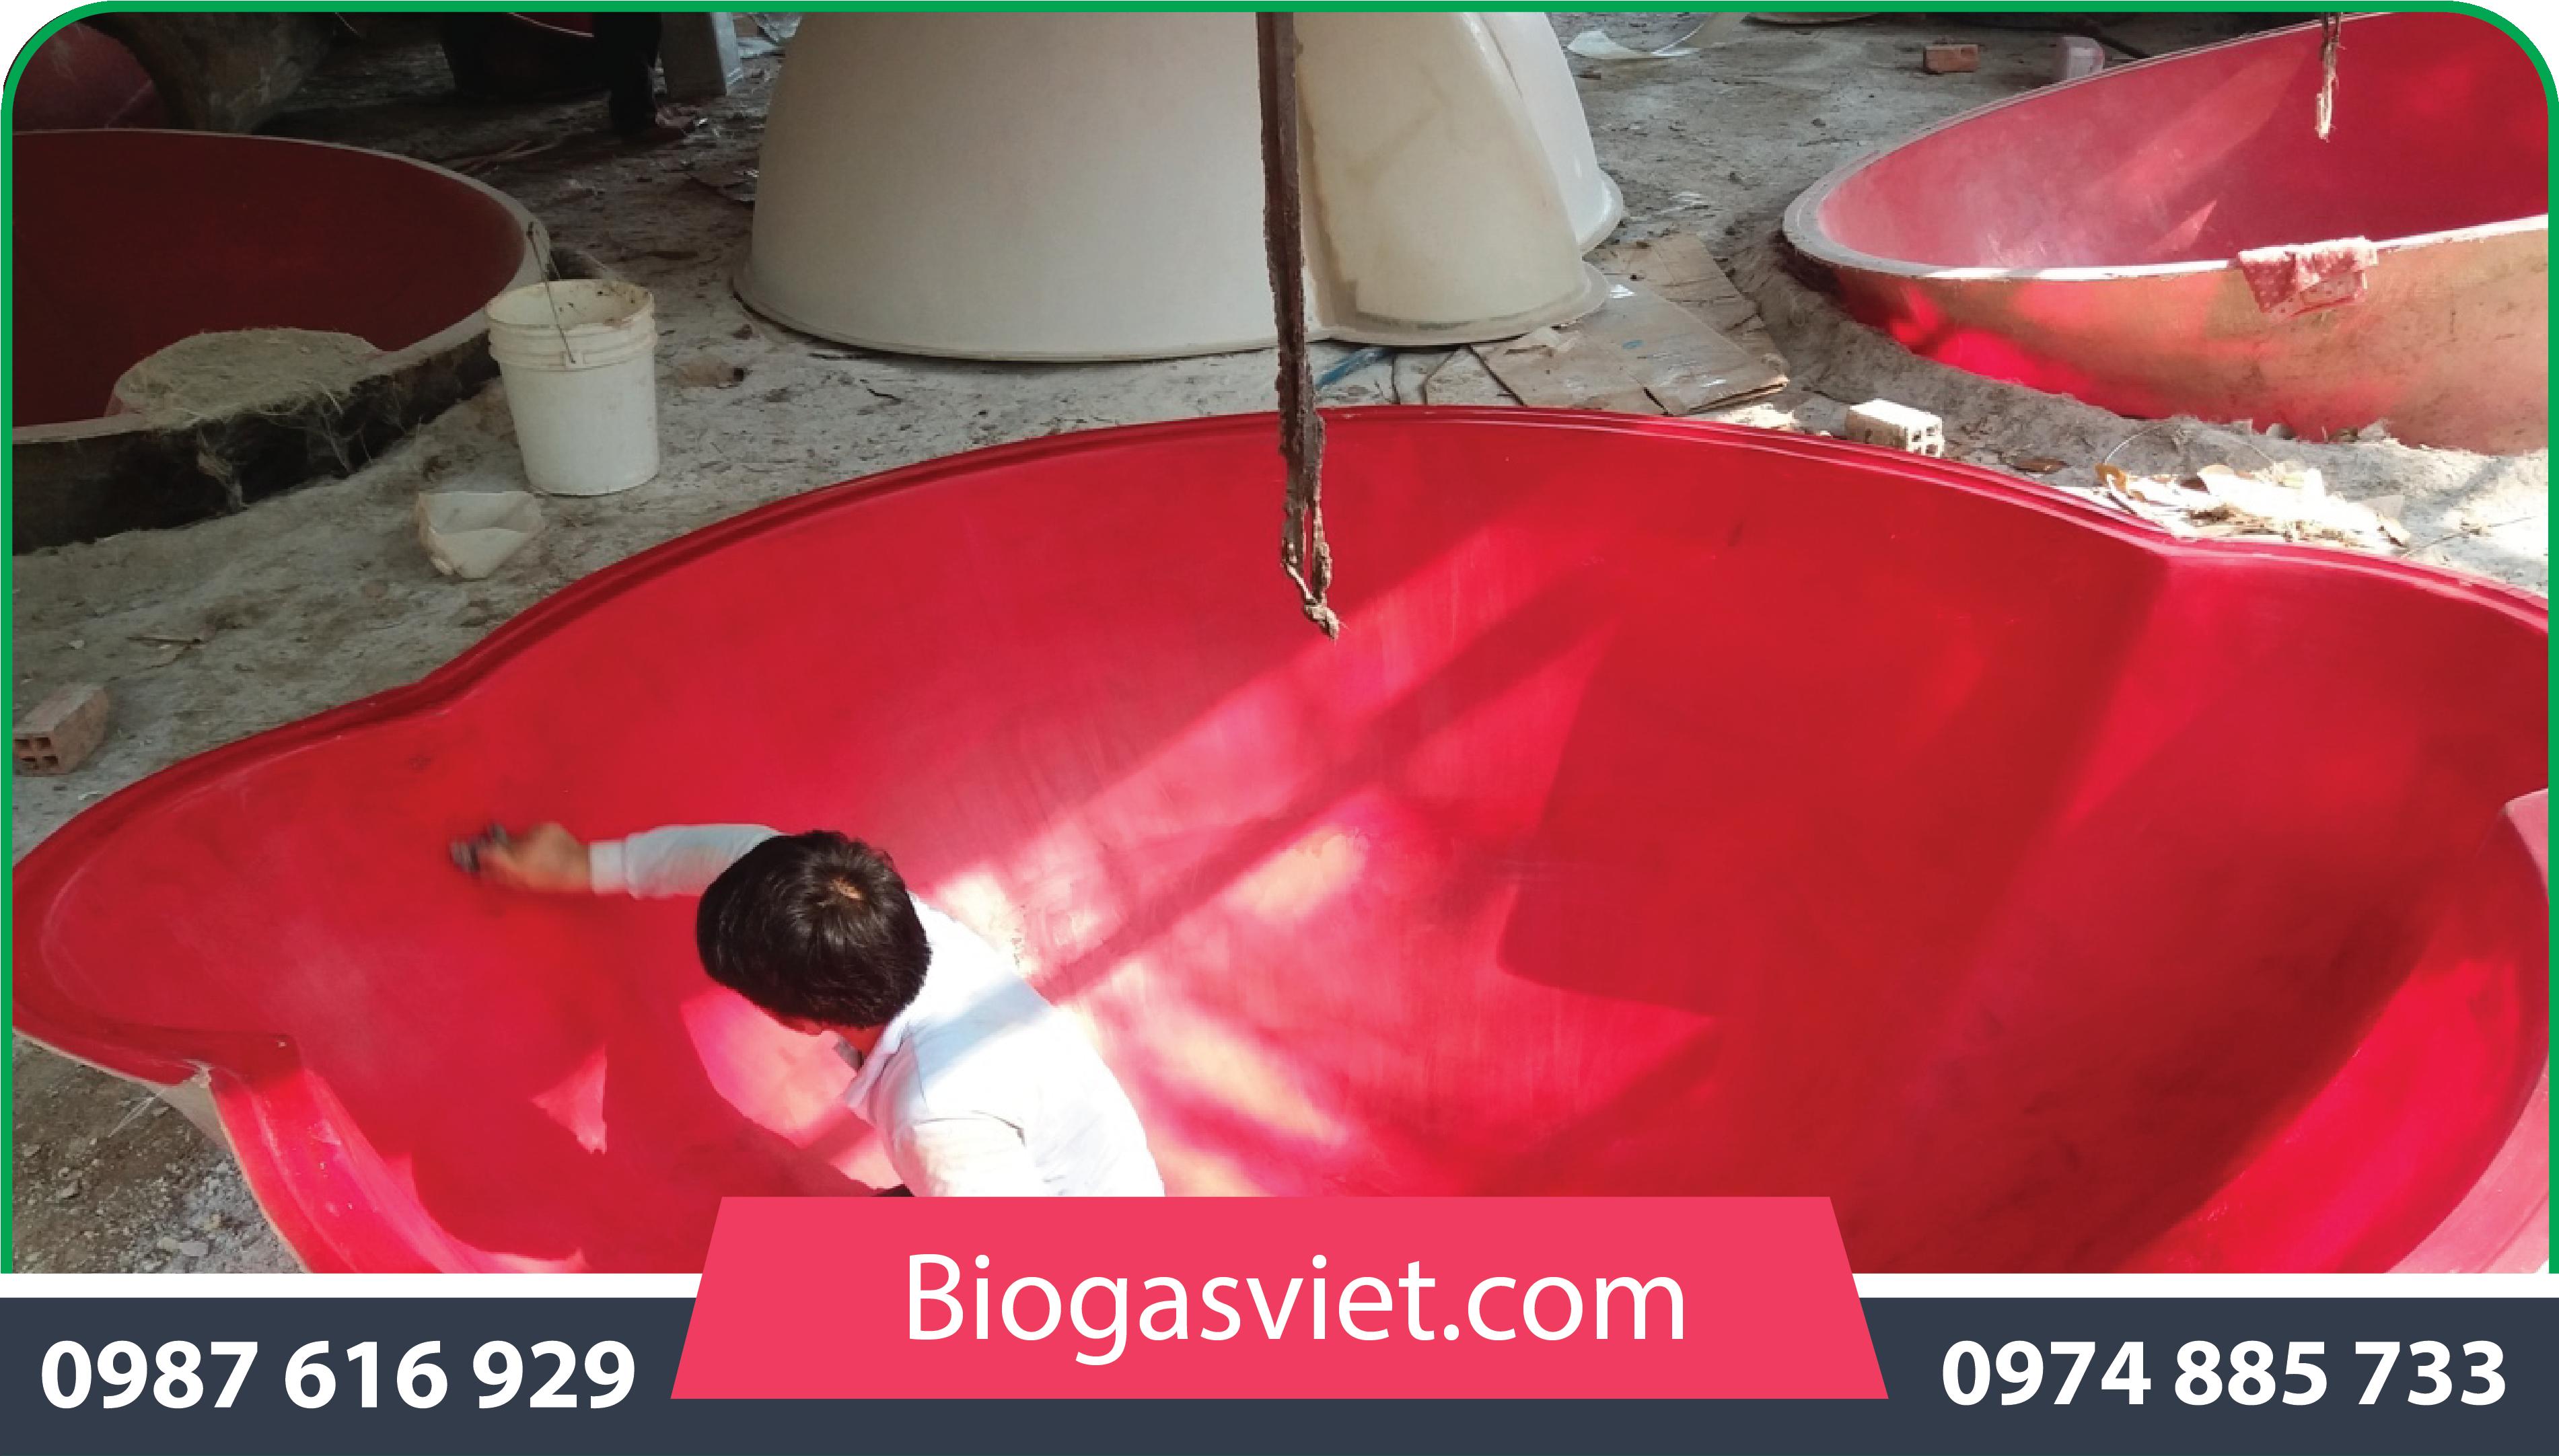 hầm biogas composite cải tiến